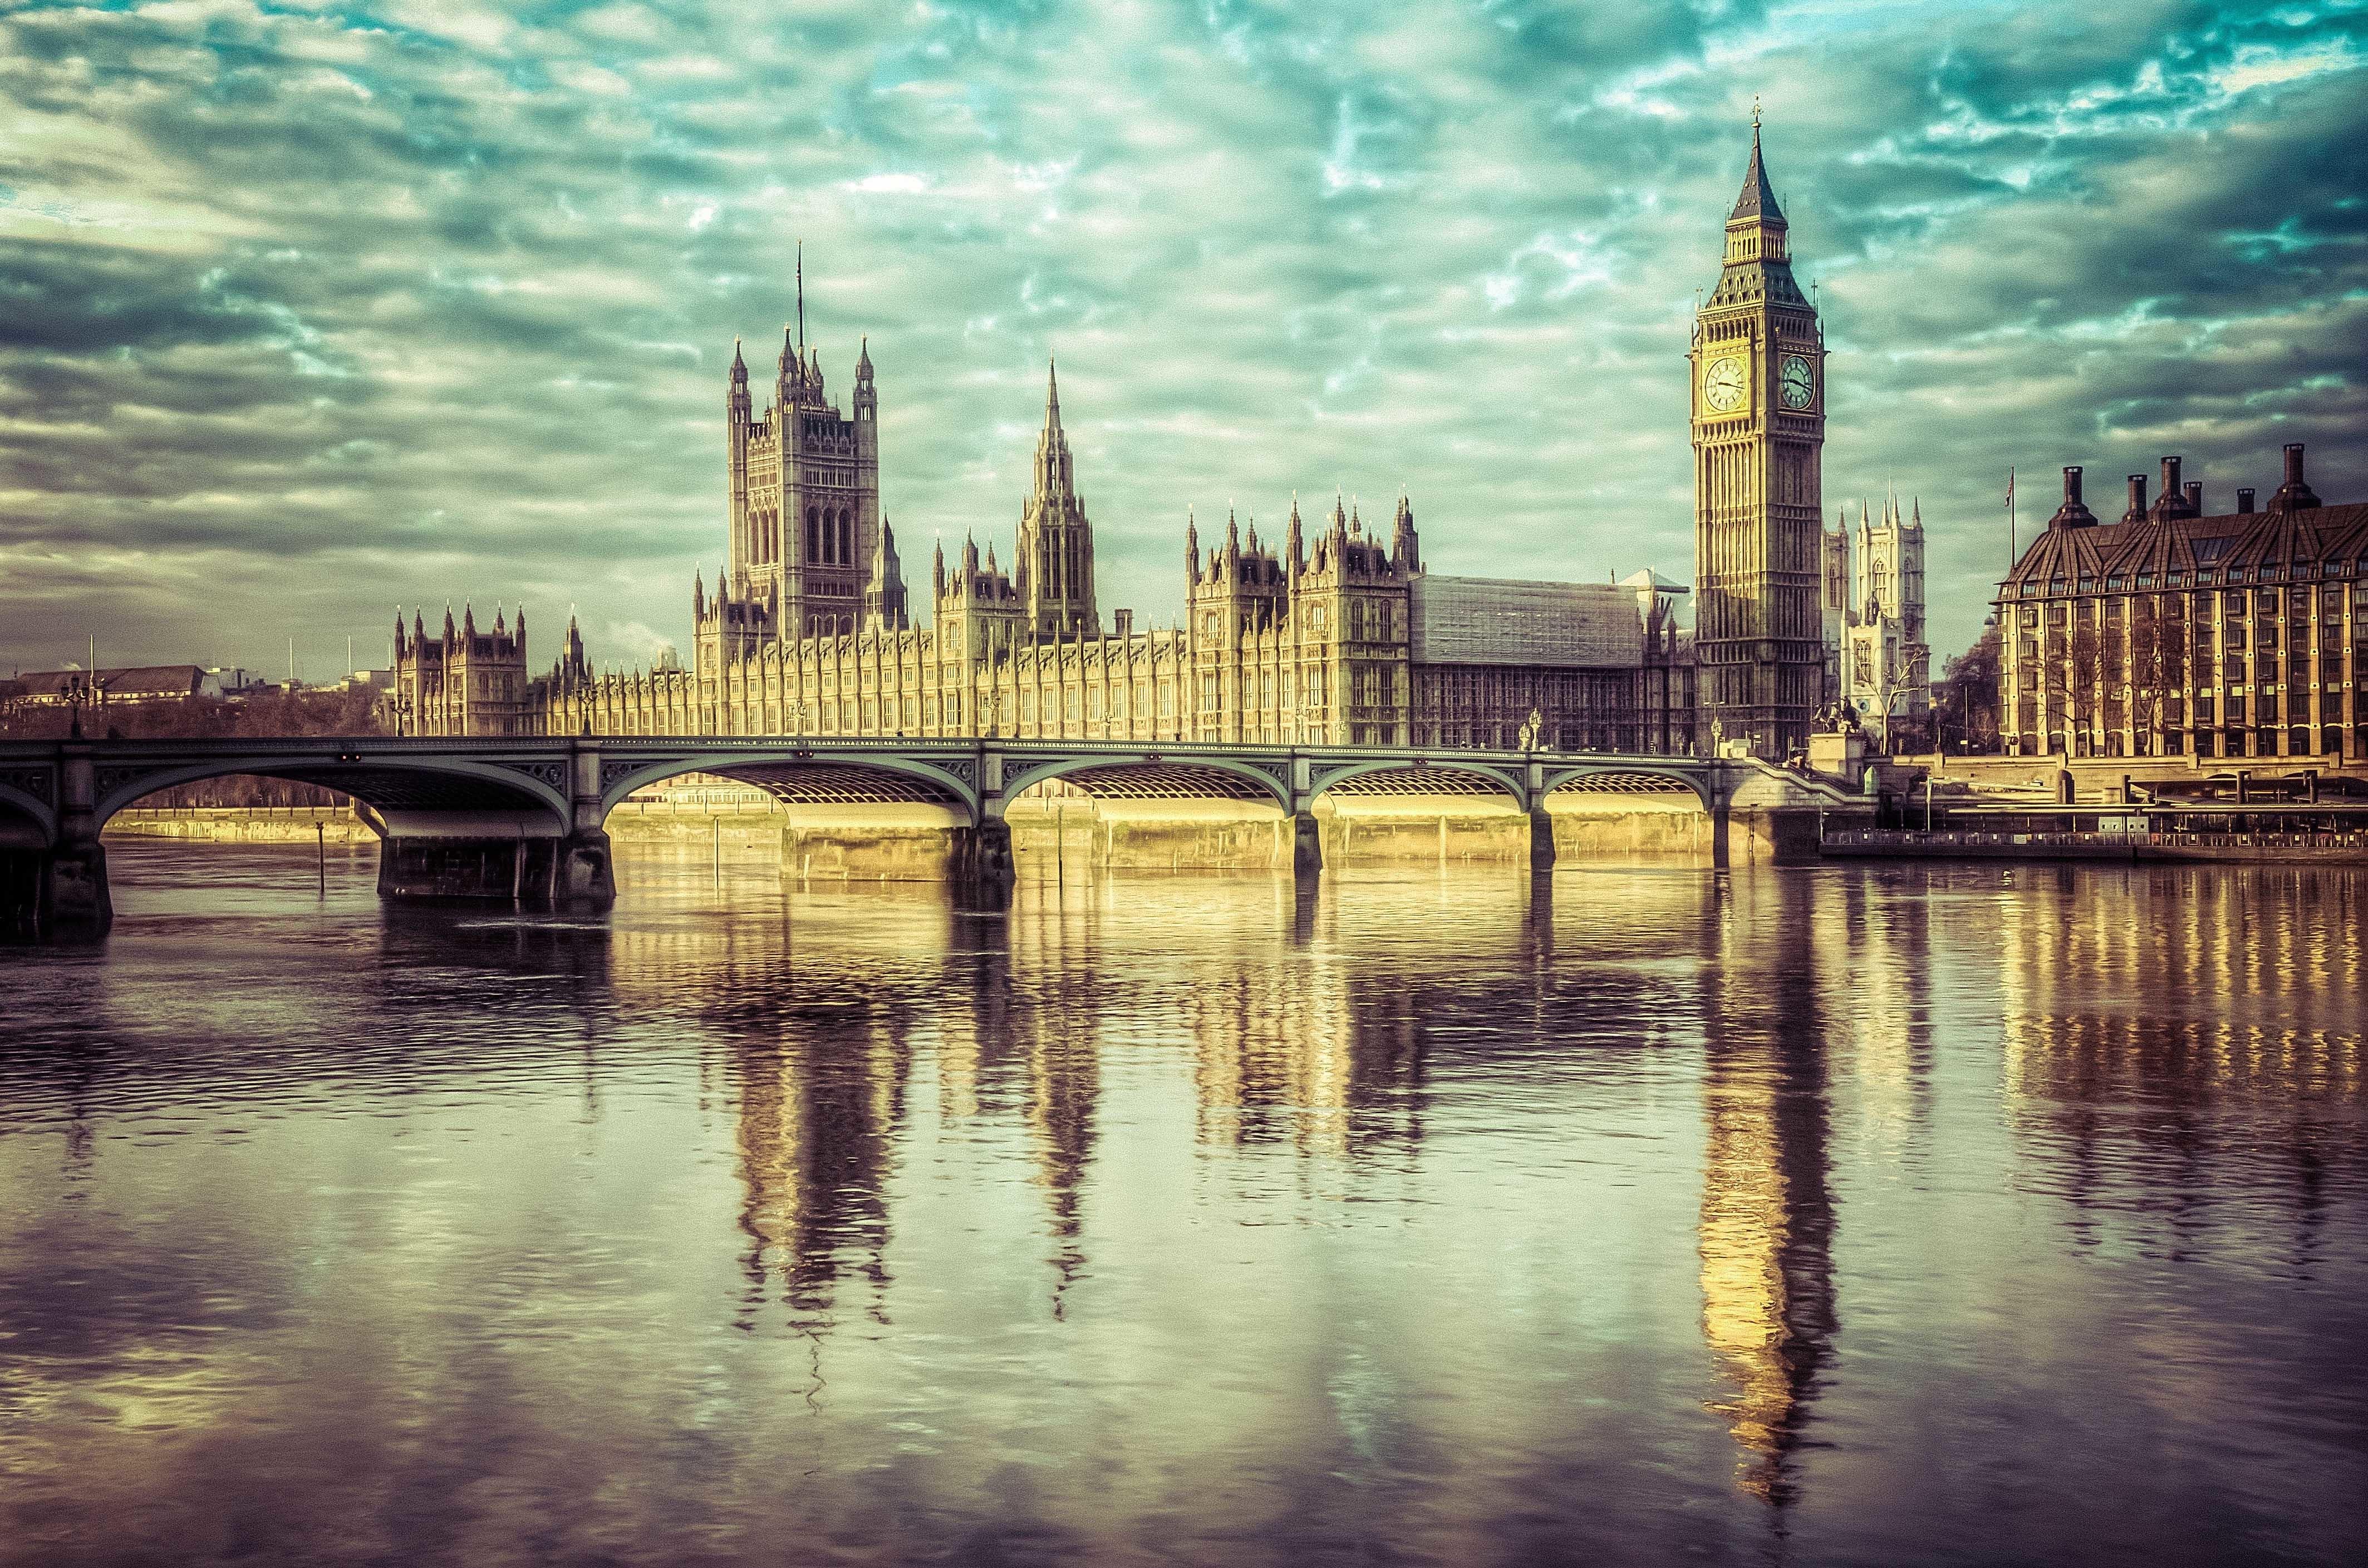 пейзаж лондона картинки витязево